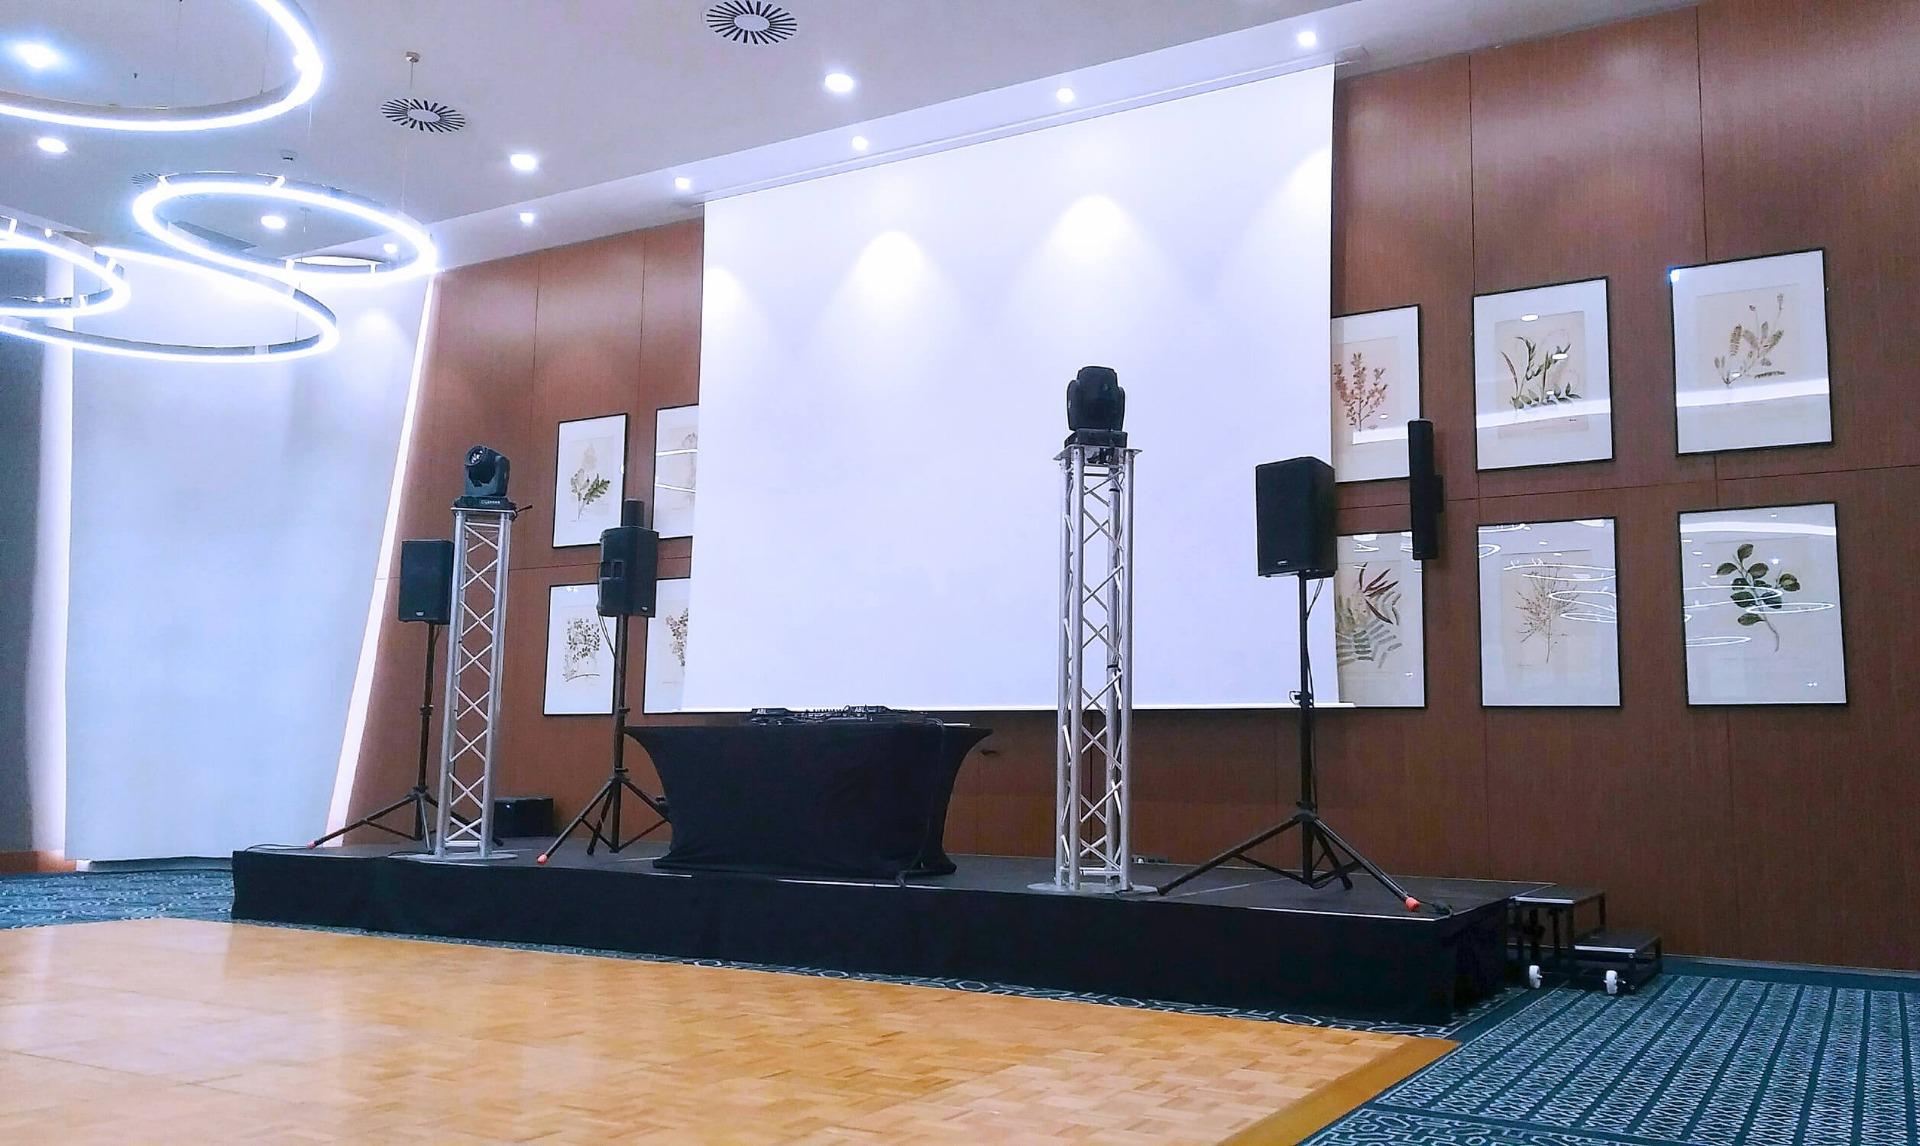 Prestation évènementielle son, lumière dans une salle de réception à l'Hôtel Dieu